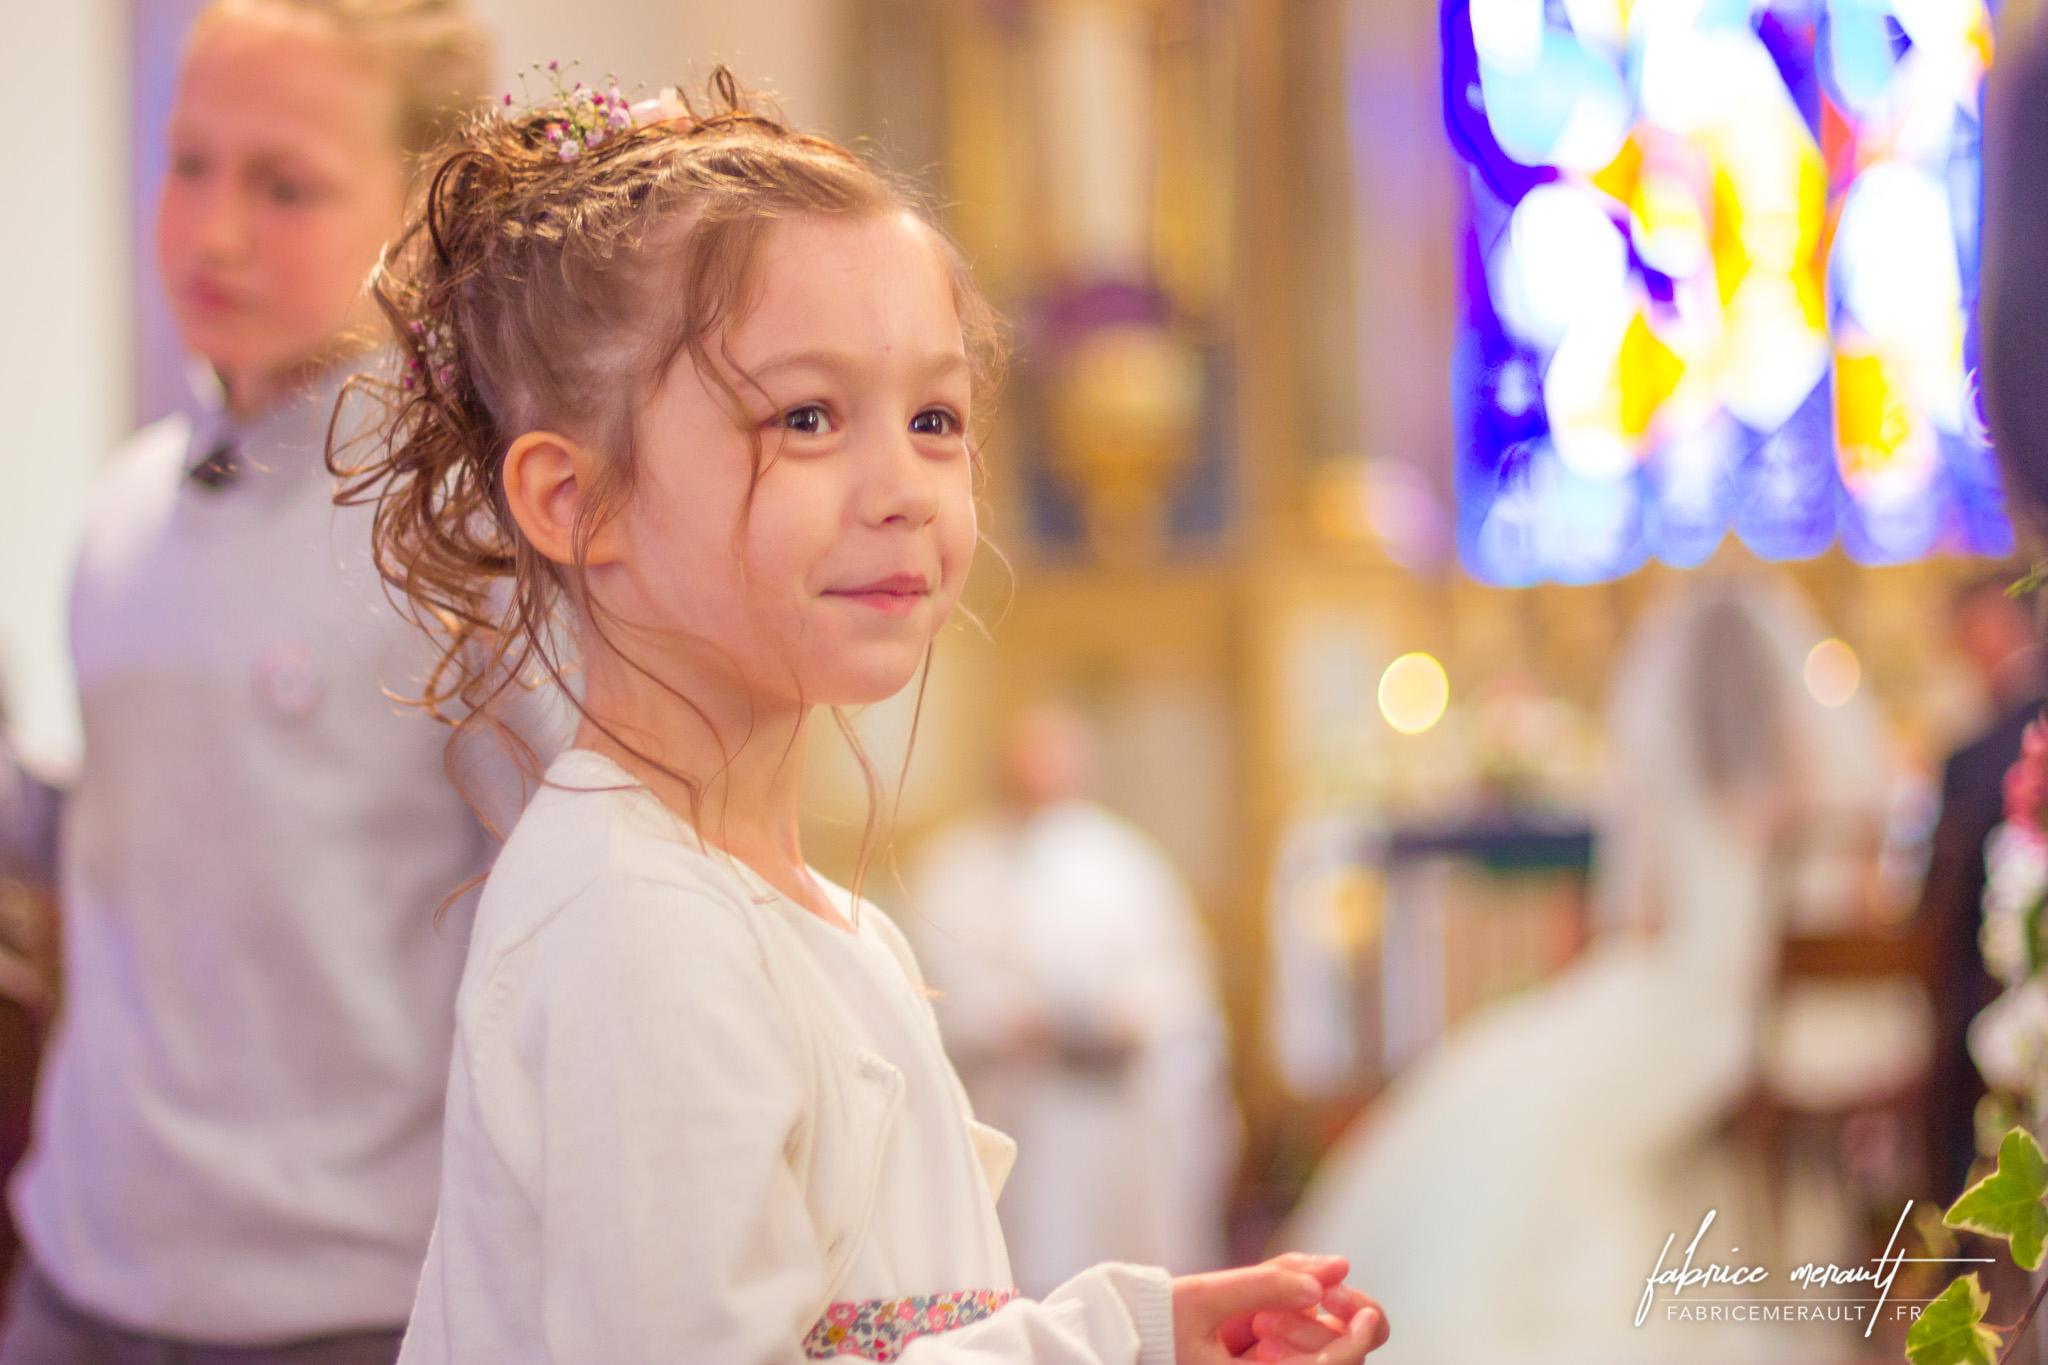 Durant la cérémonie religieuse, dans l'église de Saint-Martin-de-Landelles (Normandie, Manche)